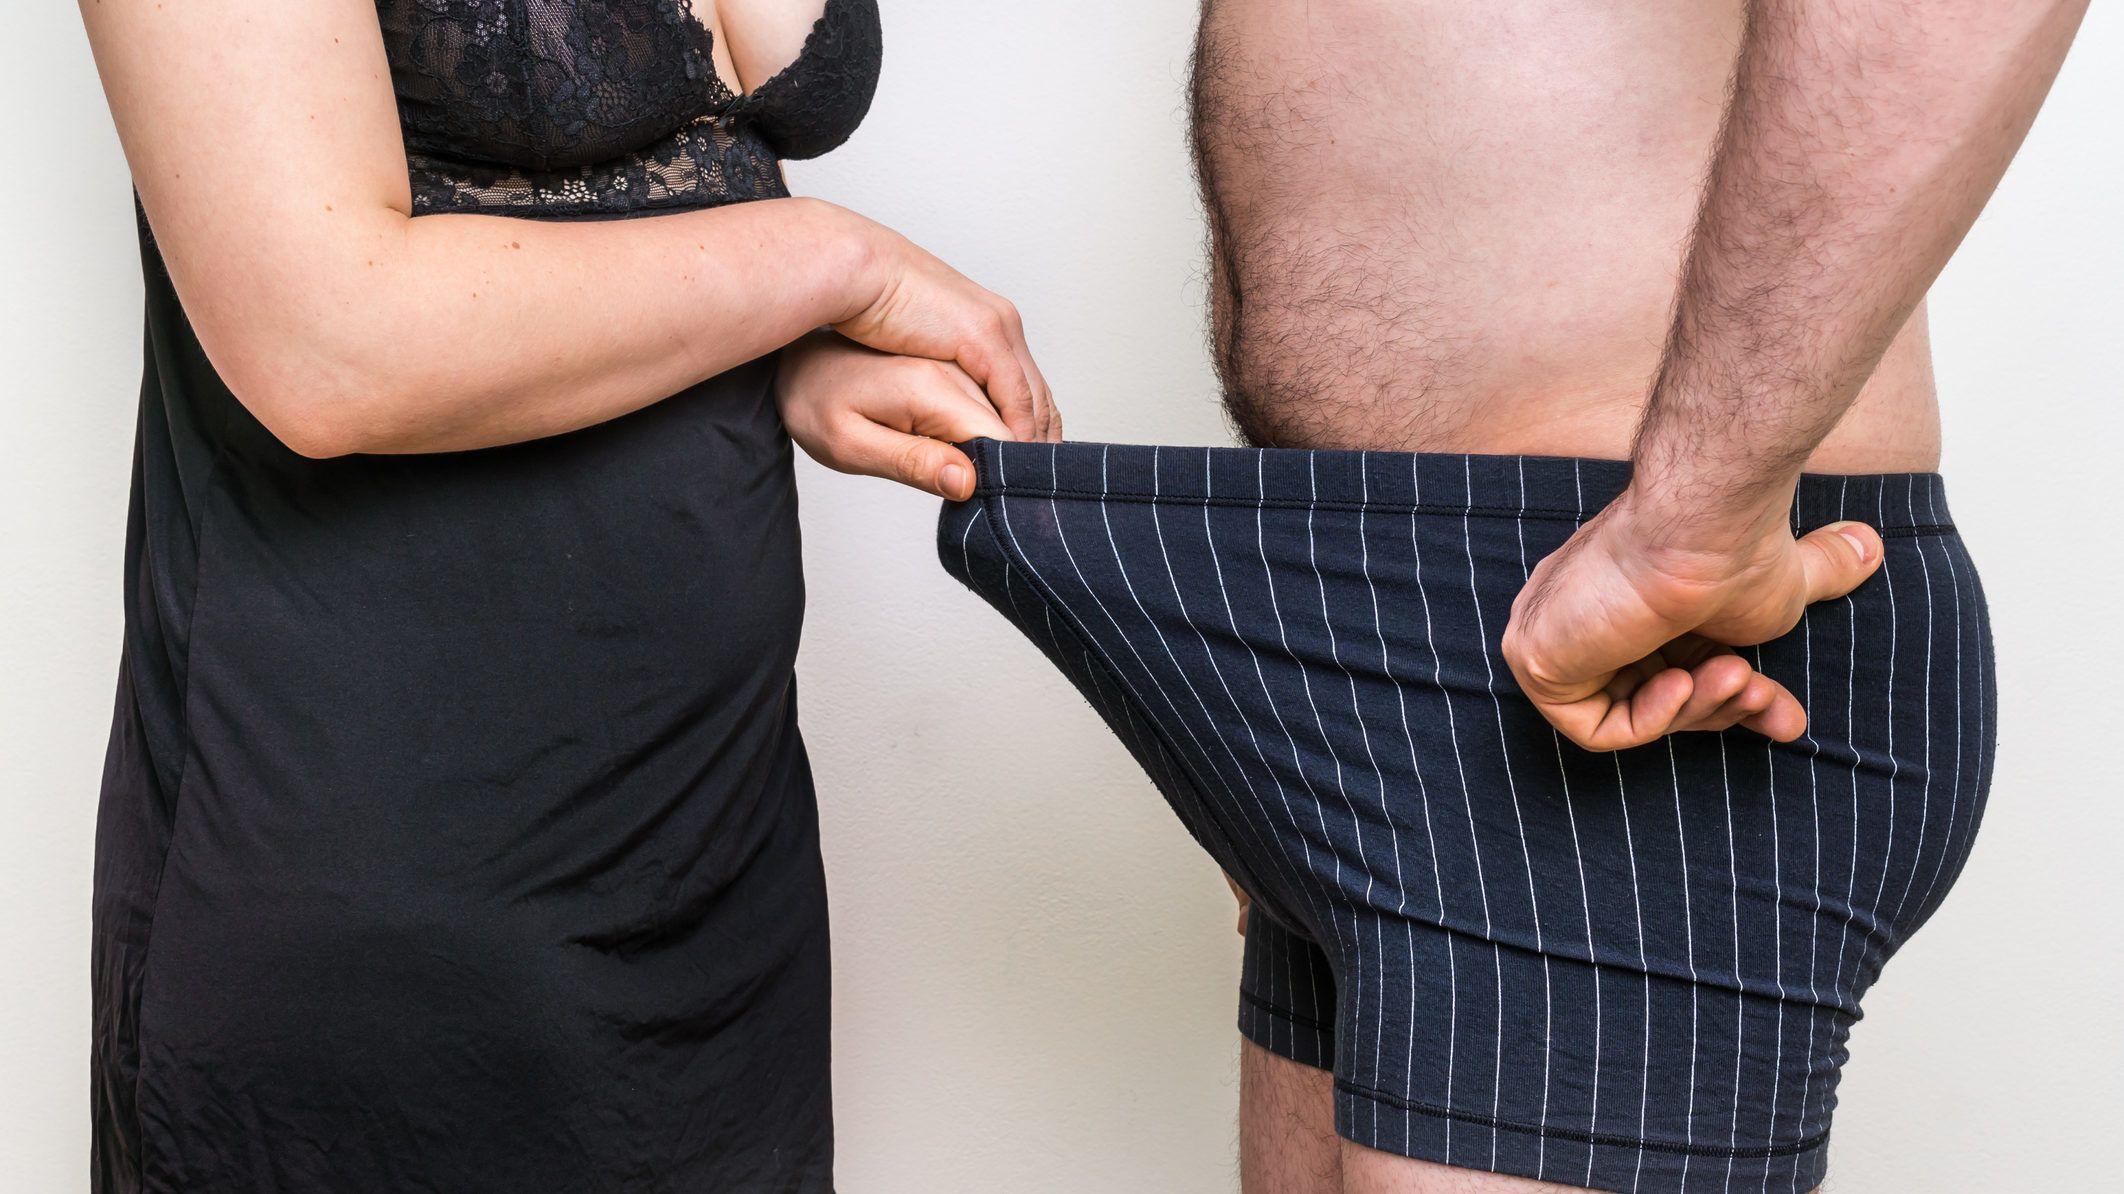 nő a pénisz a lábak között fiatal férfiak péniszei